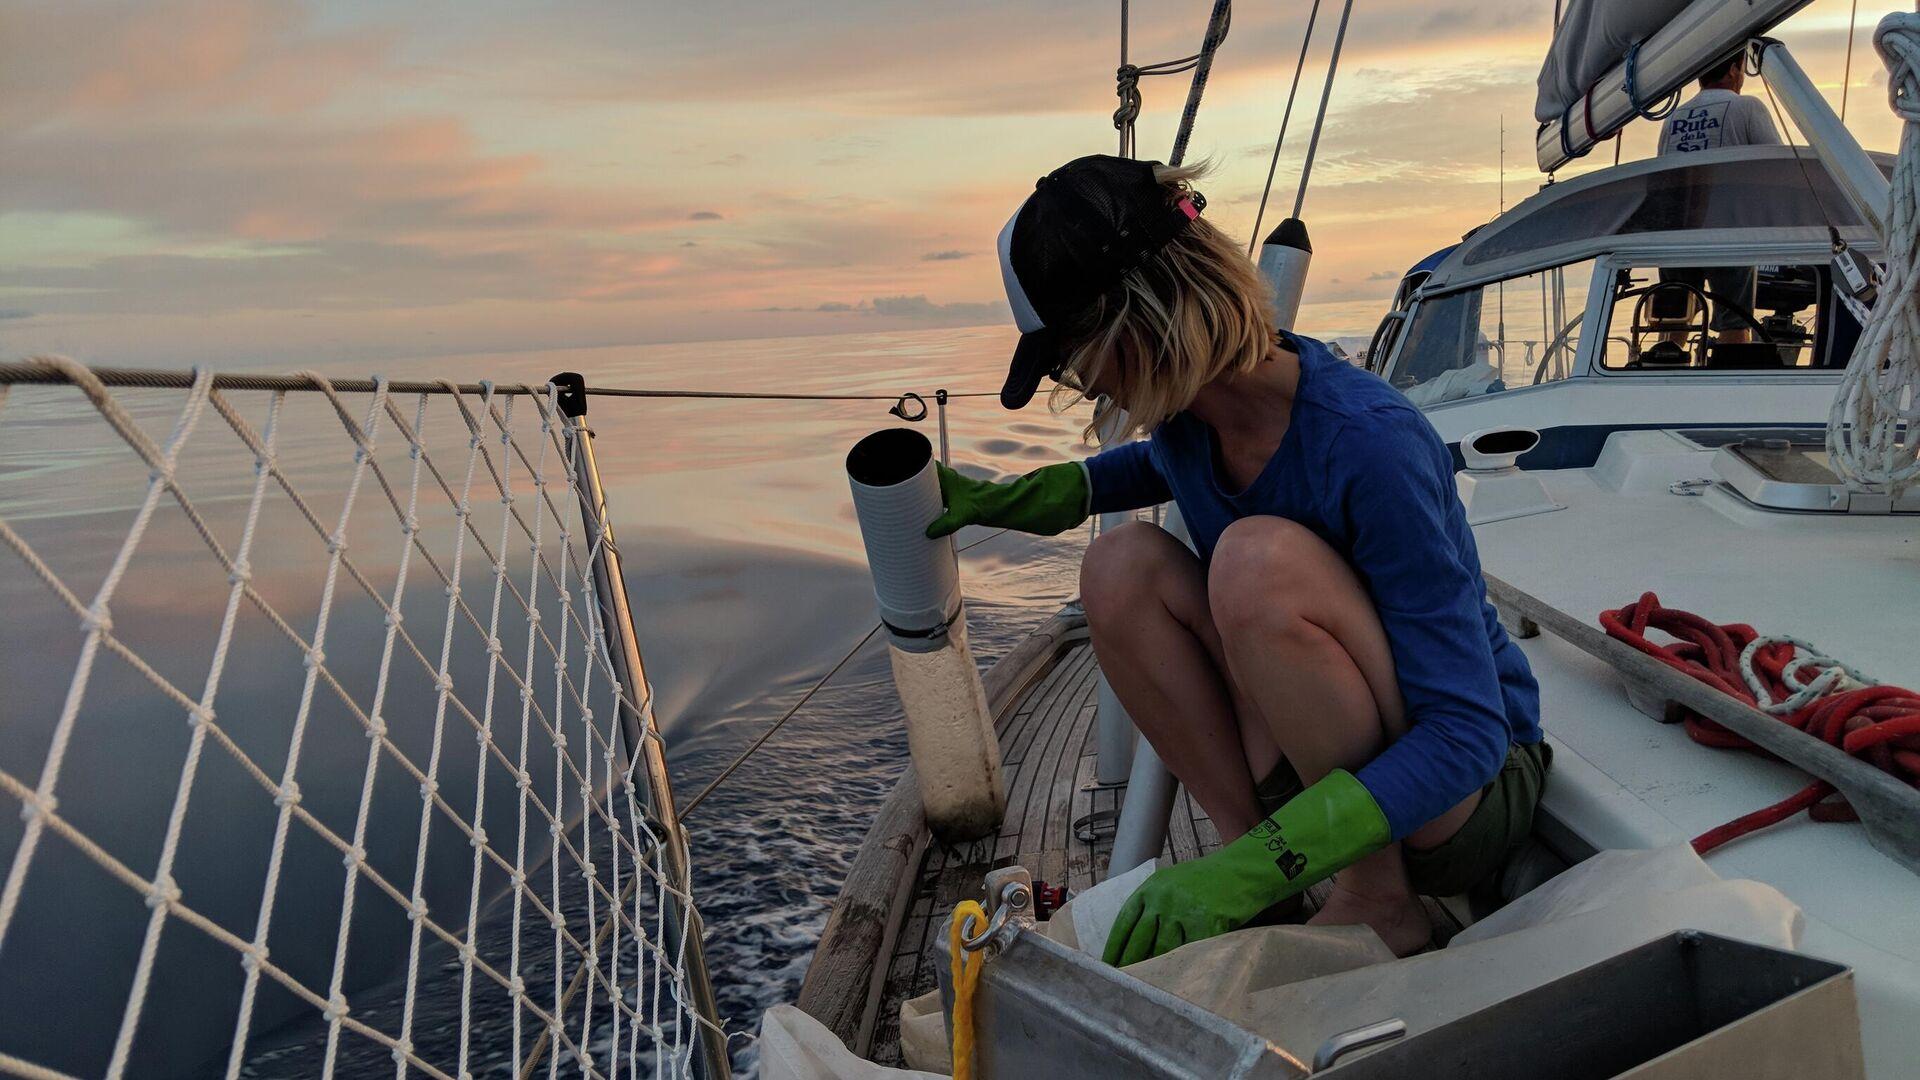 Agustina Besada recoge muestras de plástico en el océano en medio de una expedición - Sputnik Mundo, 1920, 22.02.2021